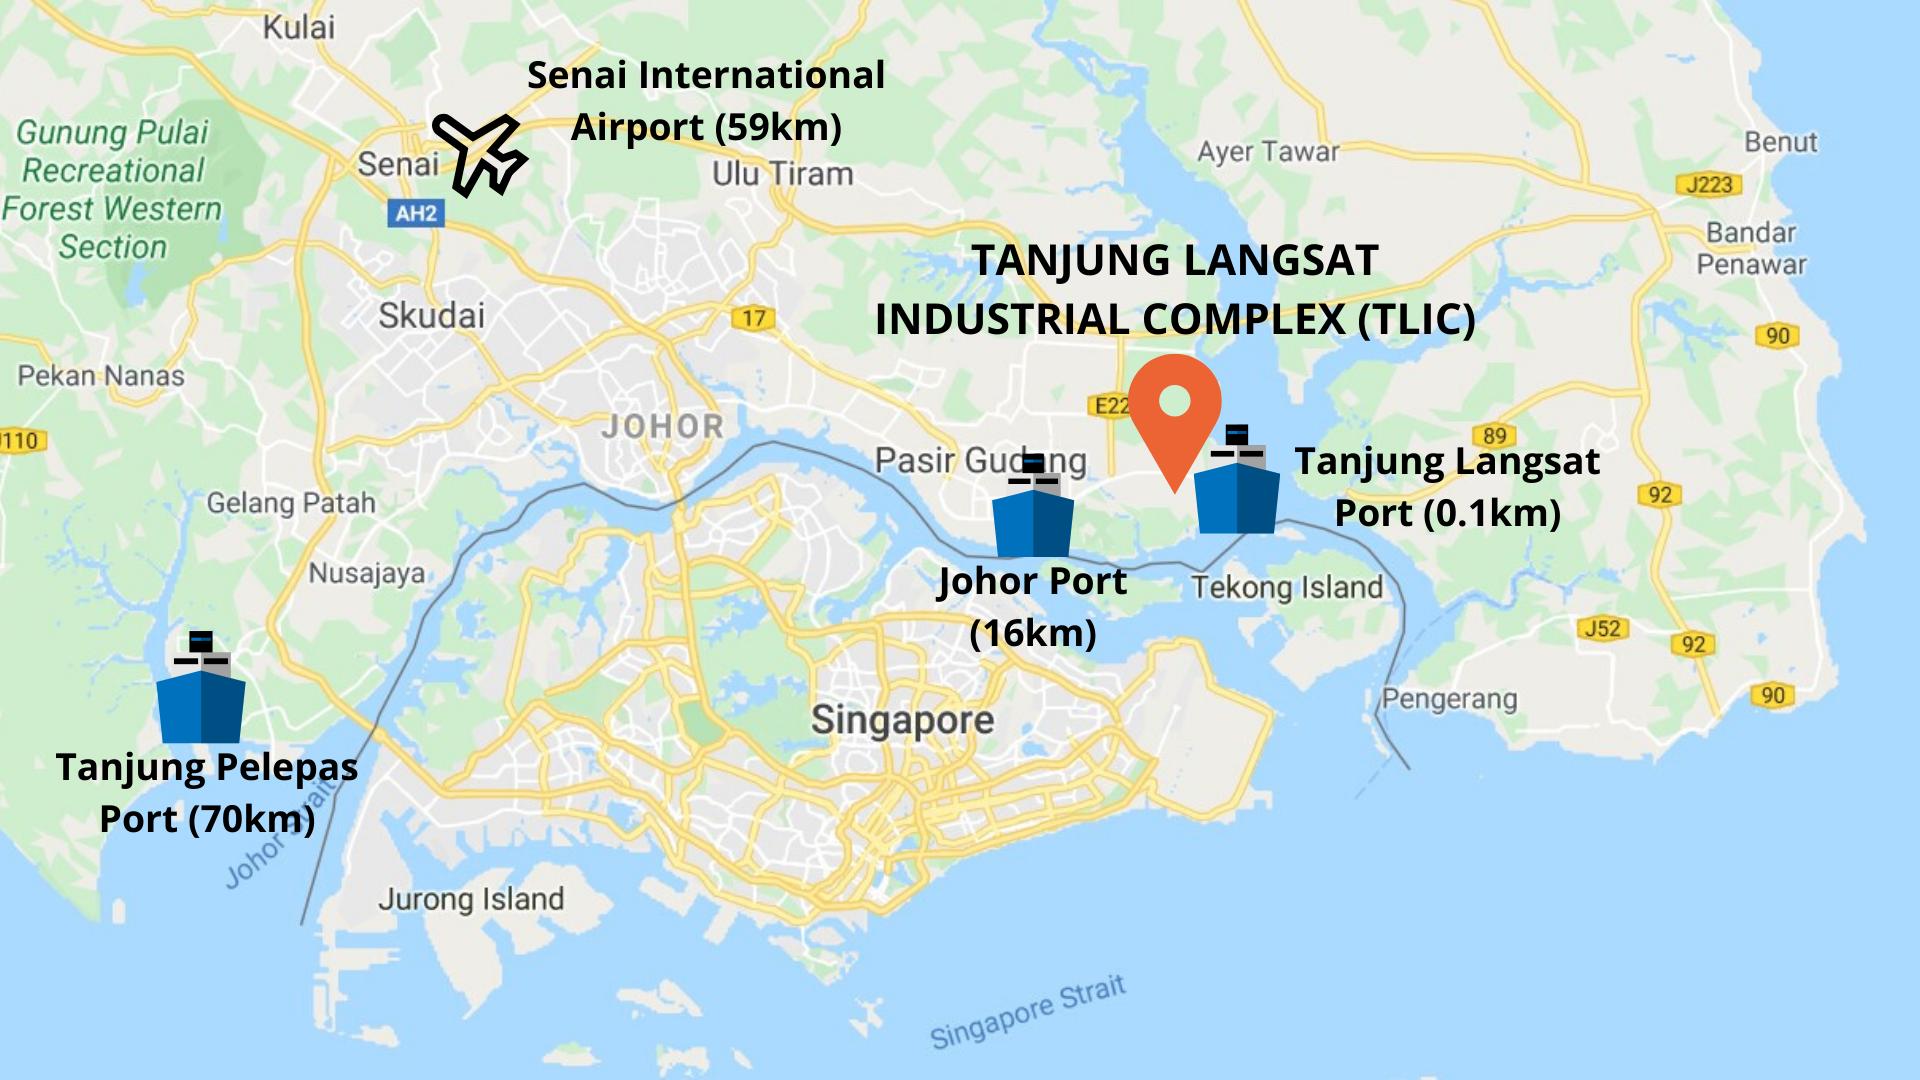 TPM Technopark Sdn. Bhd. - Tanjung Langsat Industrial Complex (TLIC)